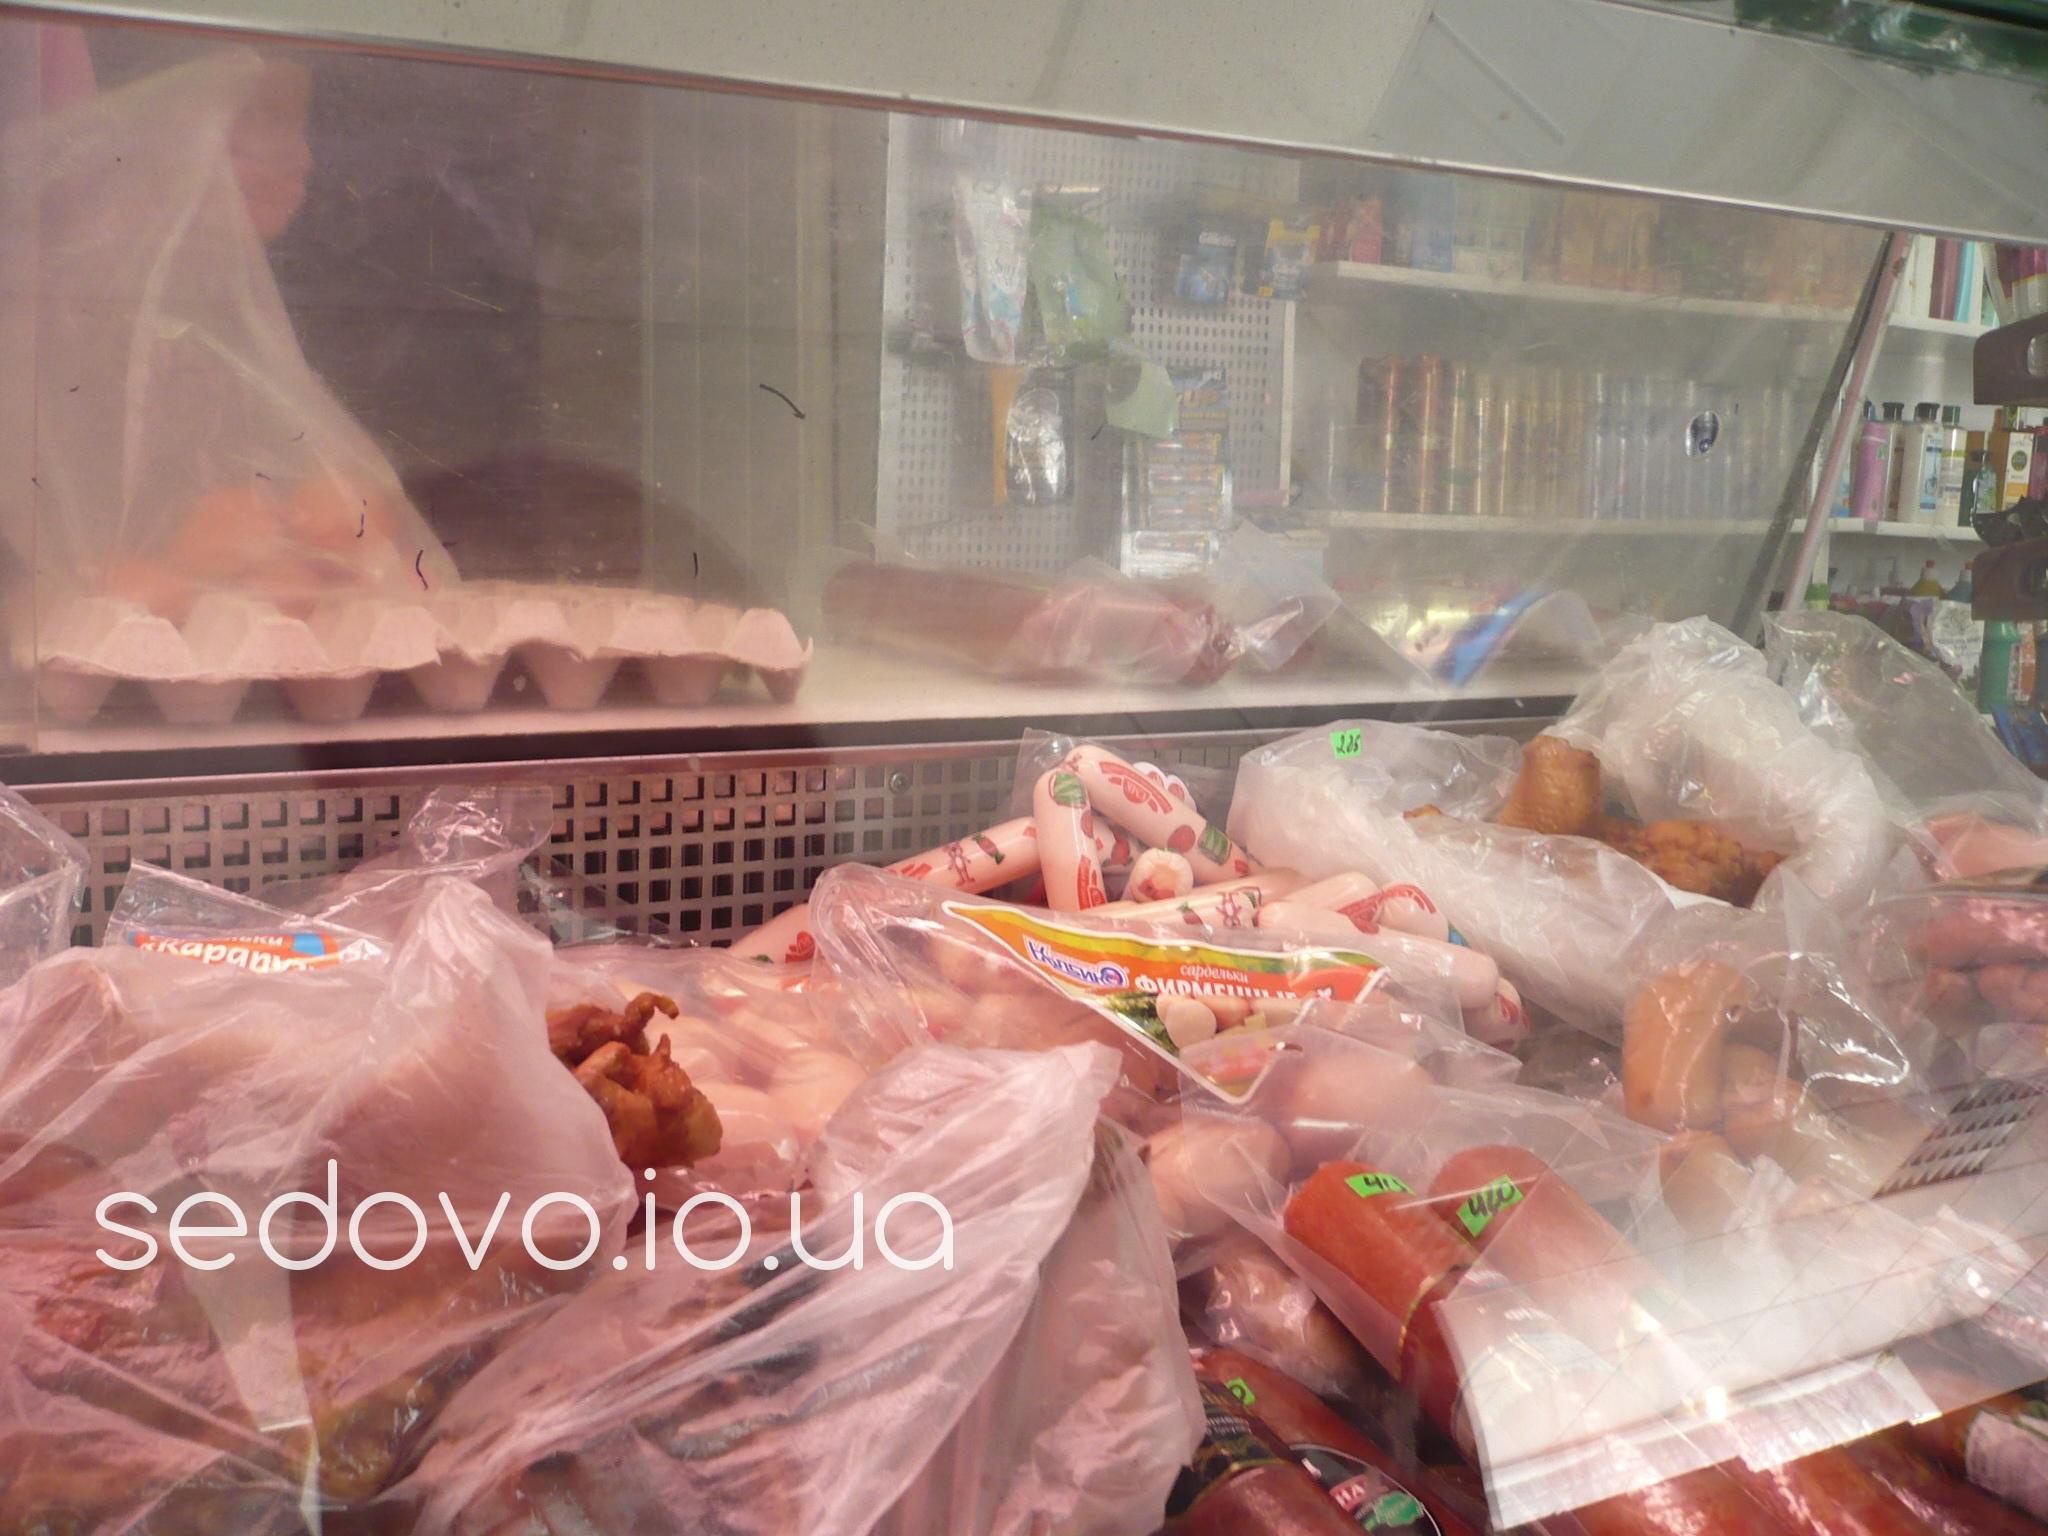 Седово цены на продукты питания в магазинах